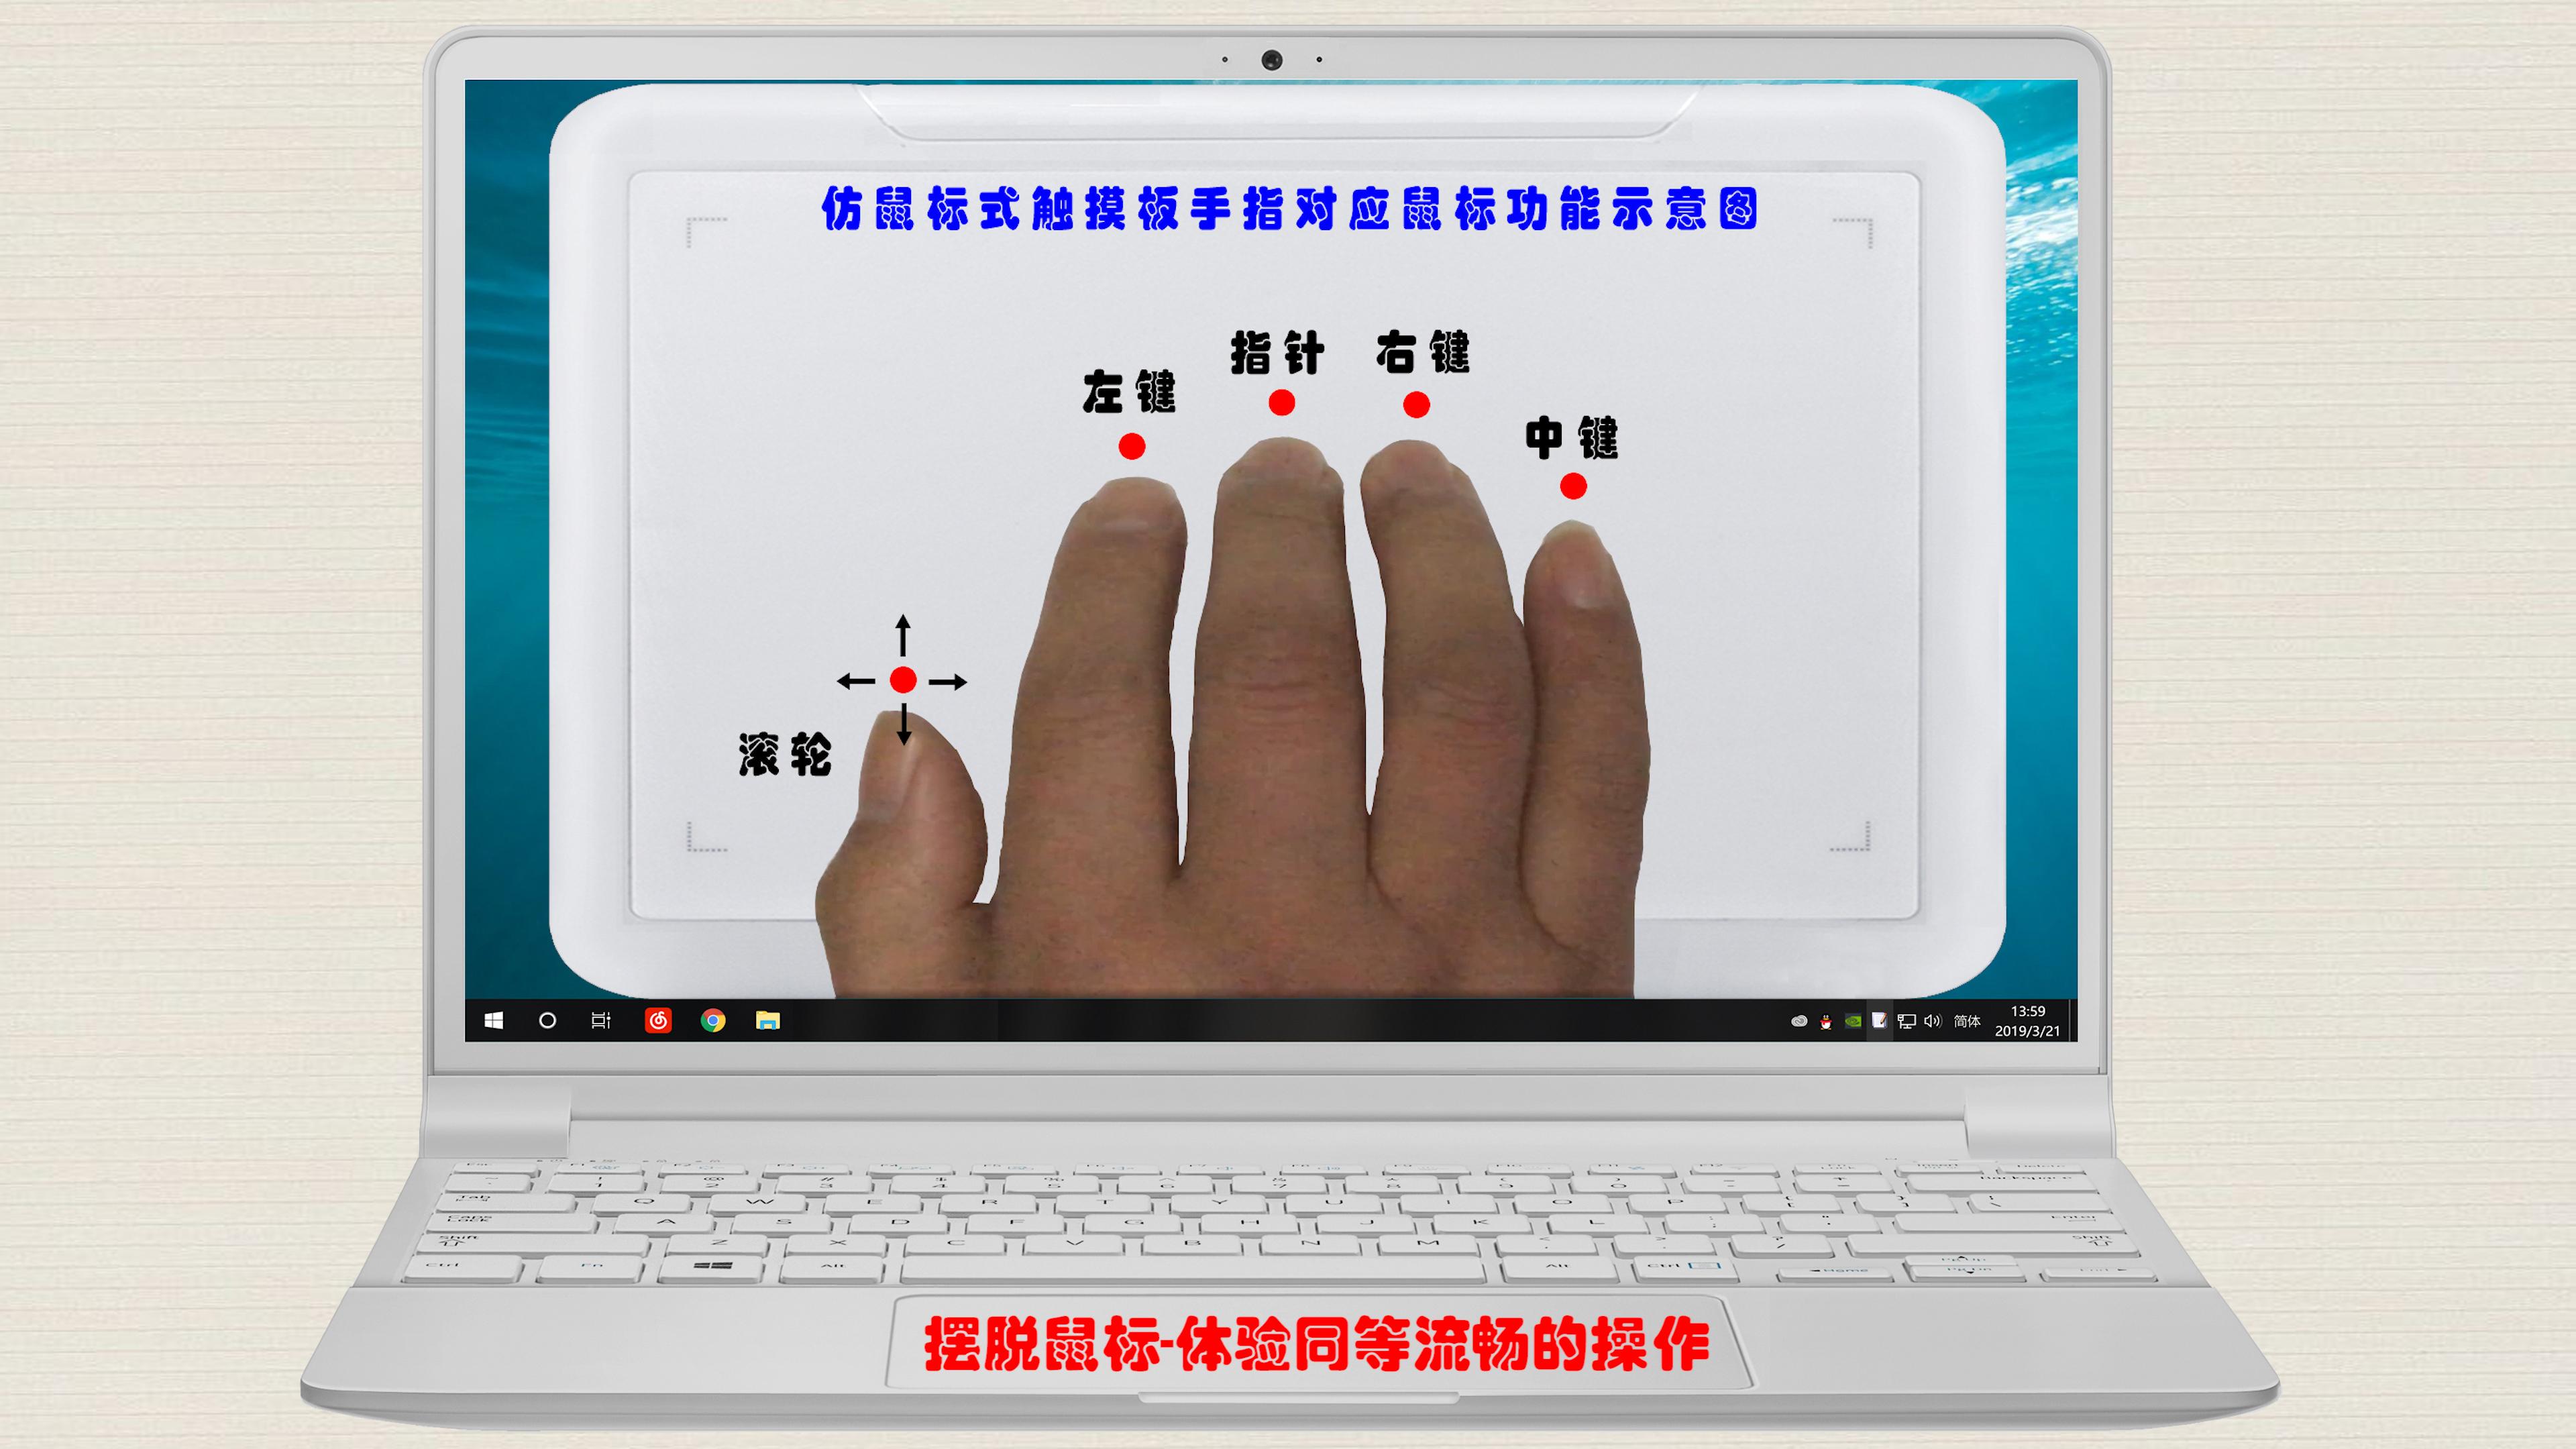 仿鼠标式触摸板演示视频封面中文版.jpg